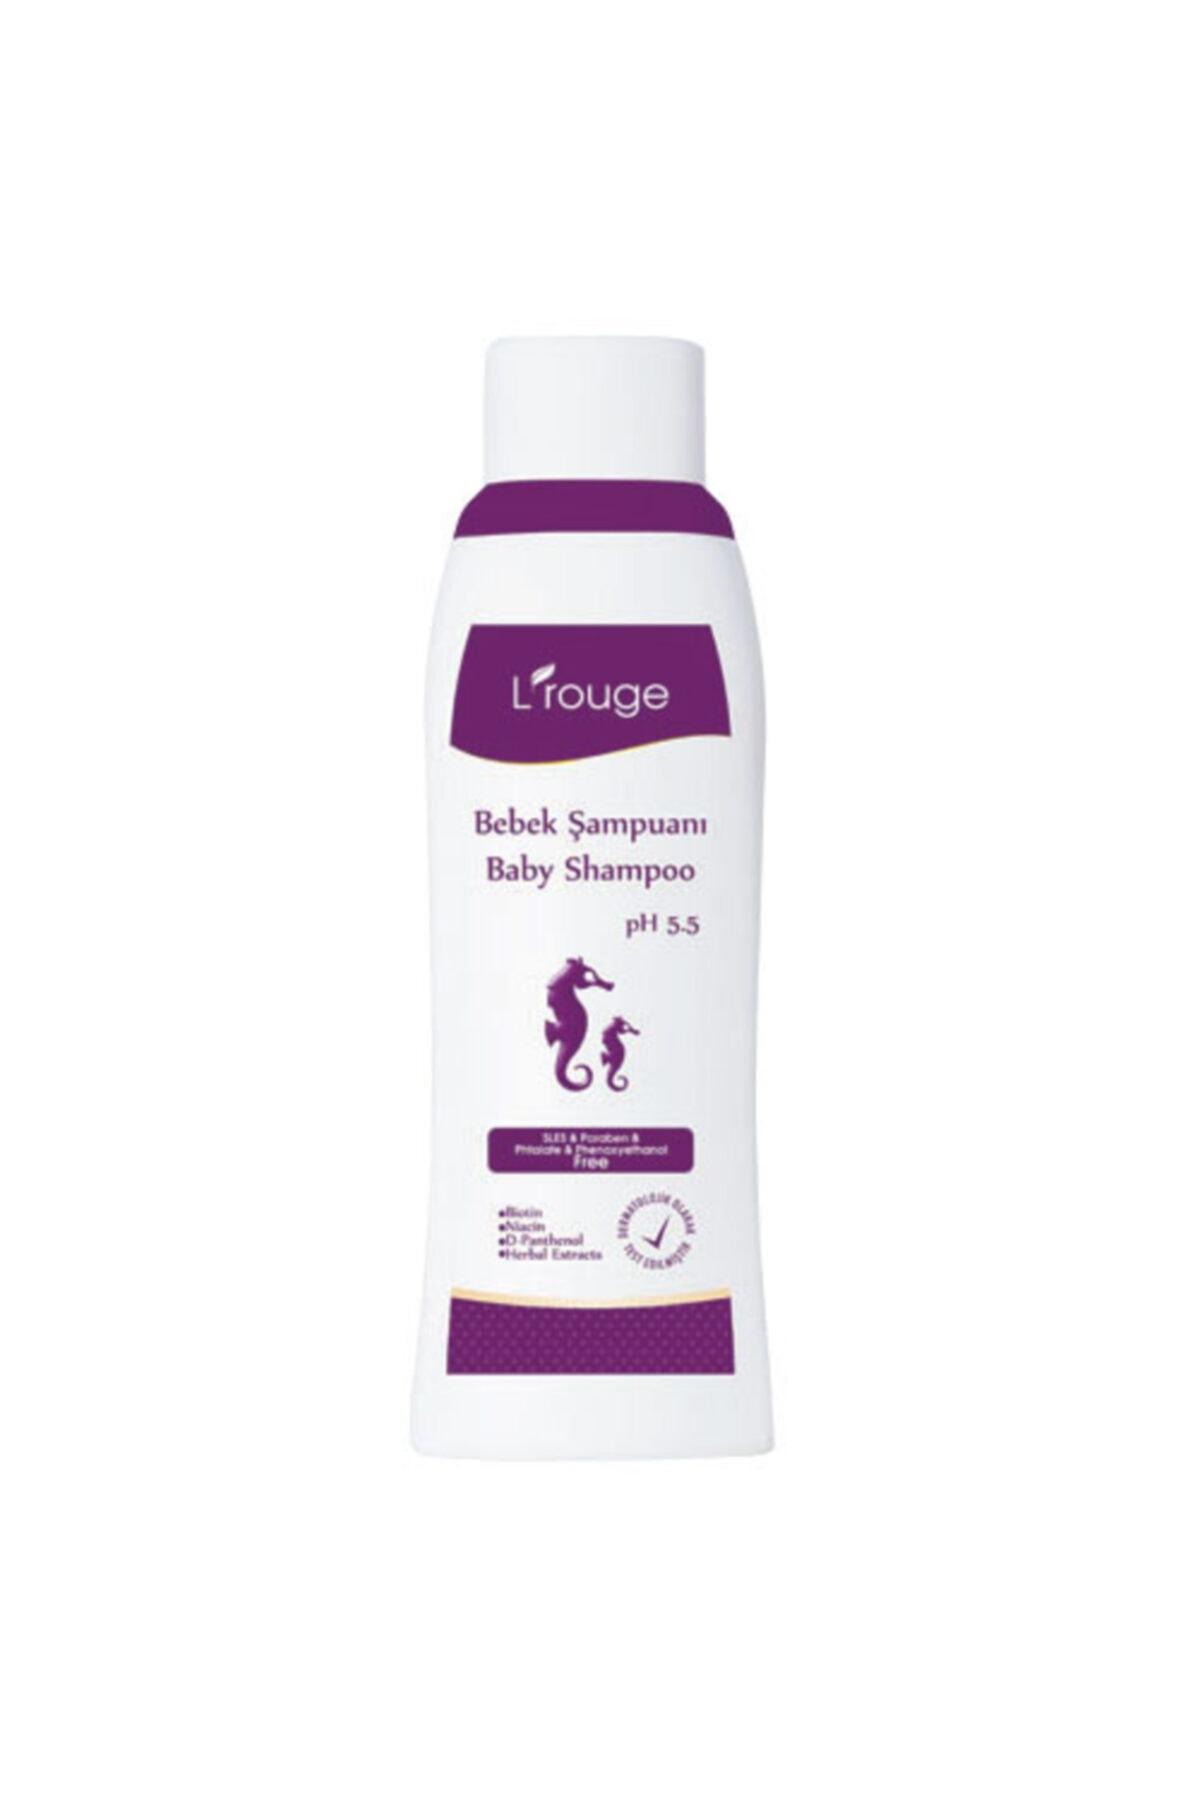 L'ROUGE Baby Shampoo Bebek Şampuanı 300ml 1